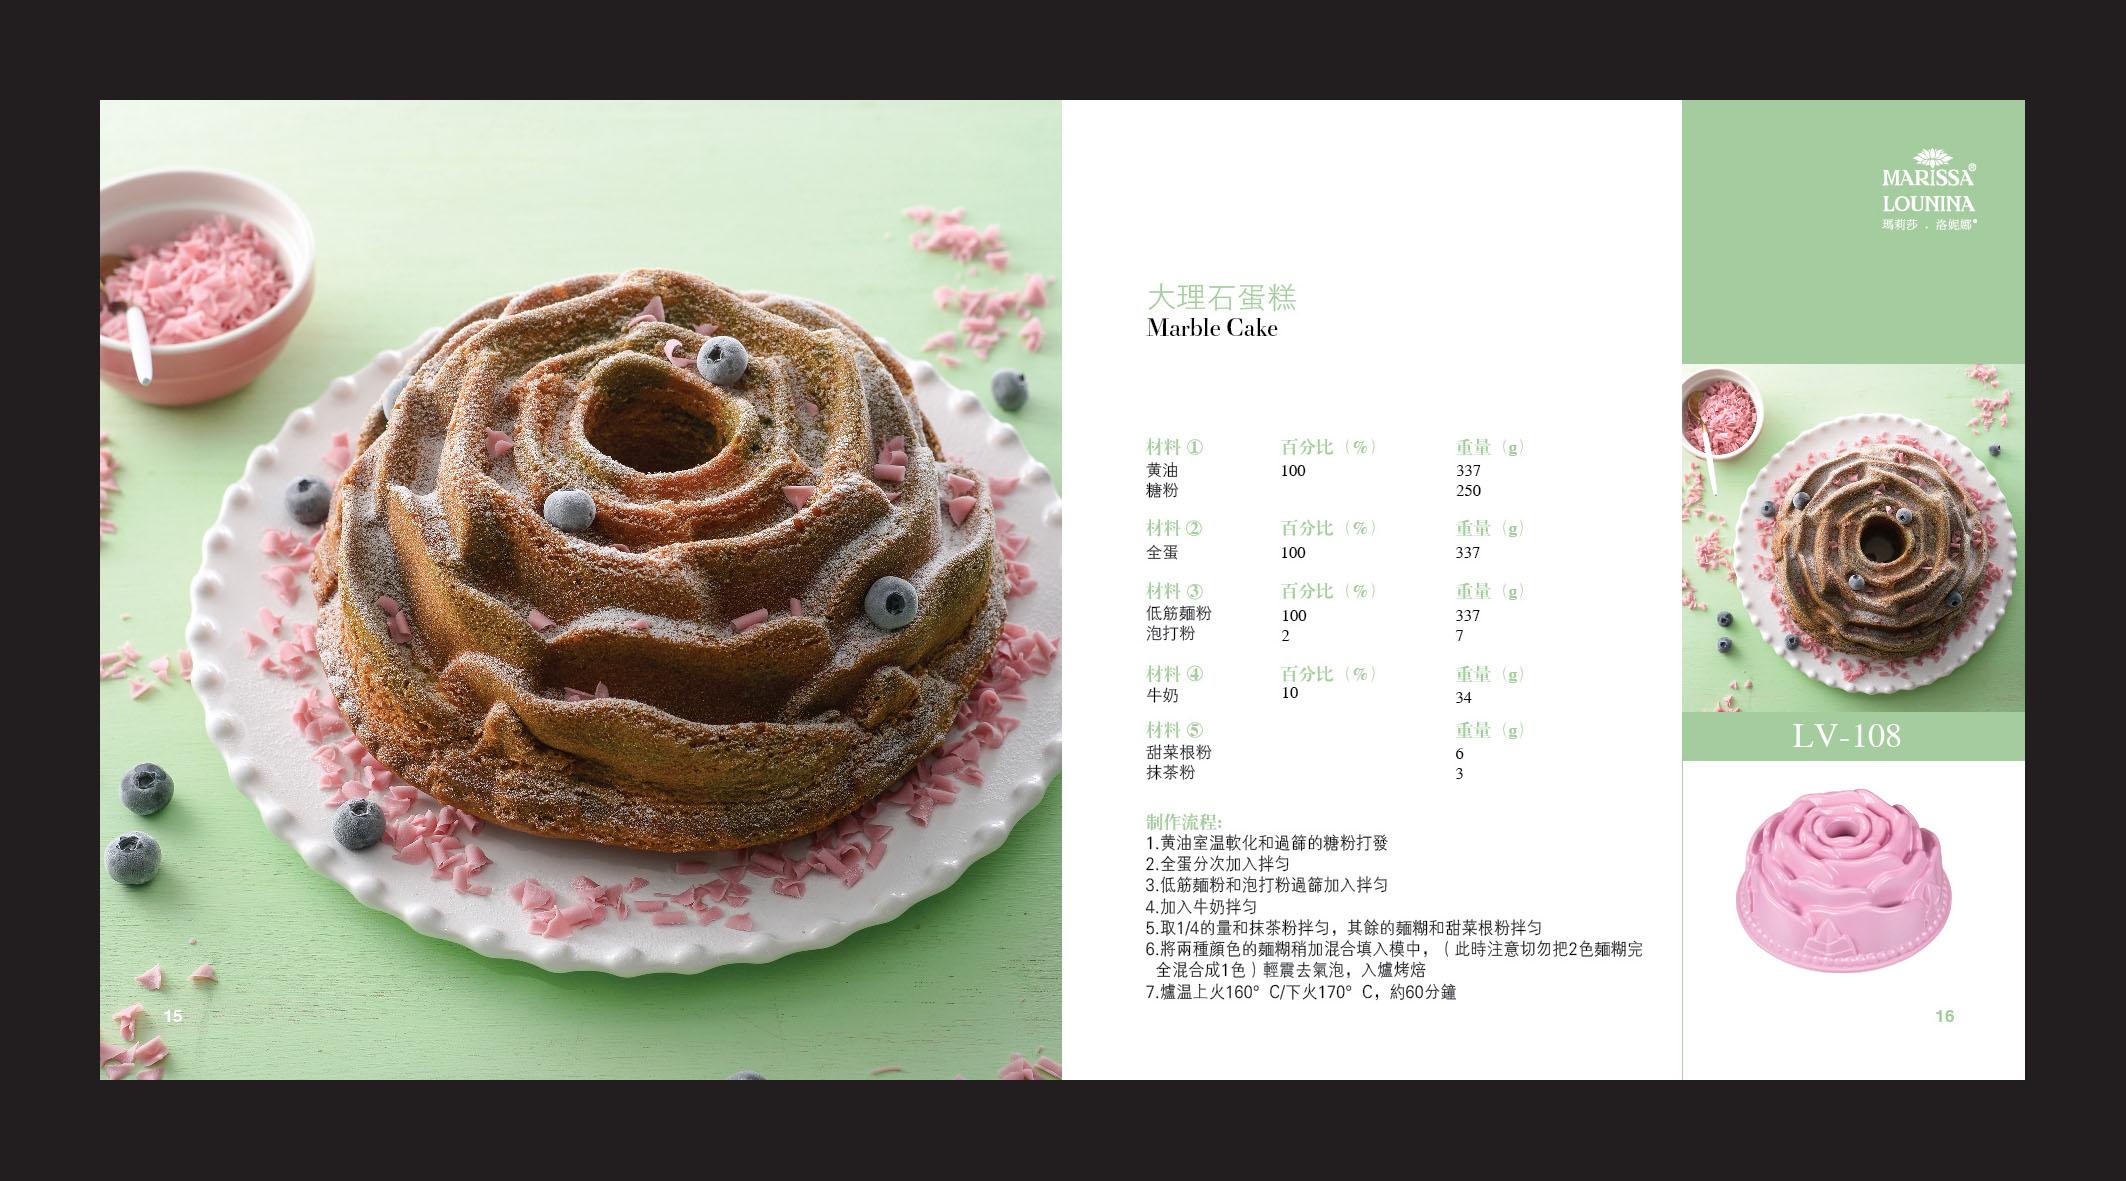 吕一斌 蛋糕模菜谱-108.jpg